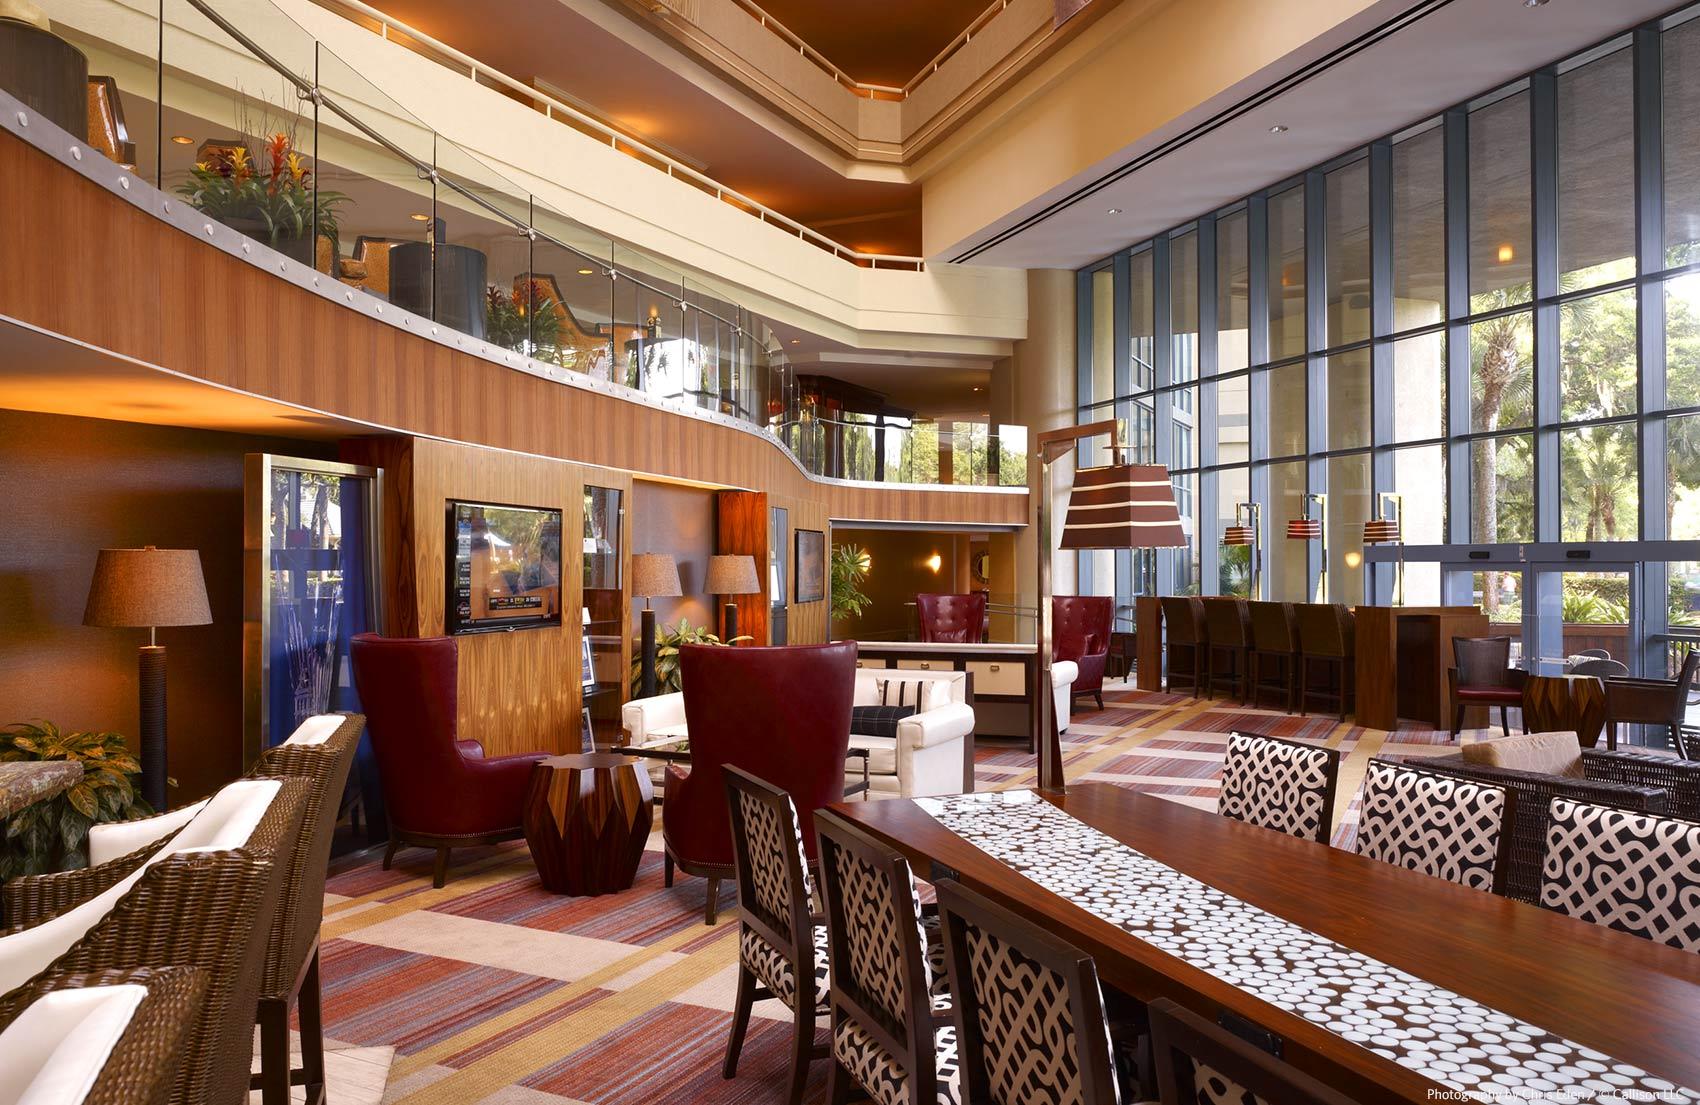 JW Marriott - Sawgrass - Lobby Interior